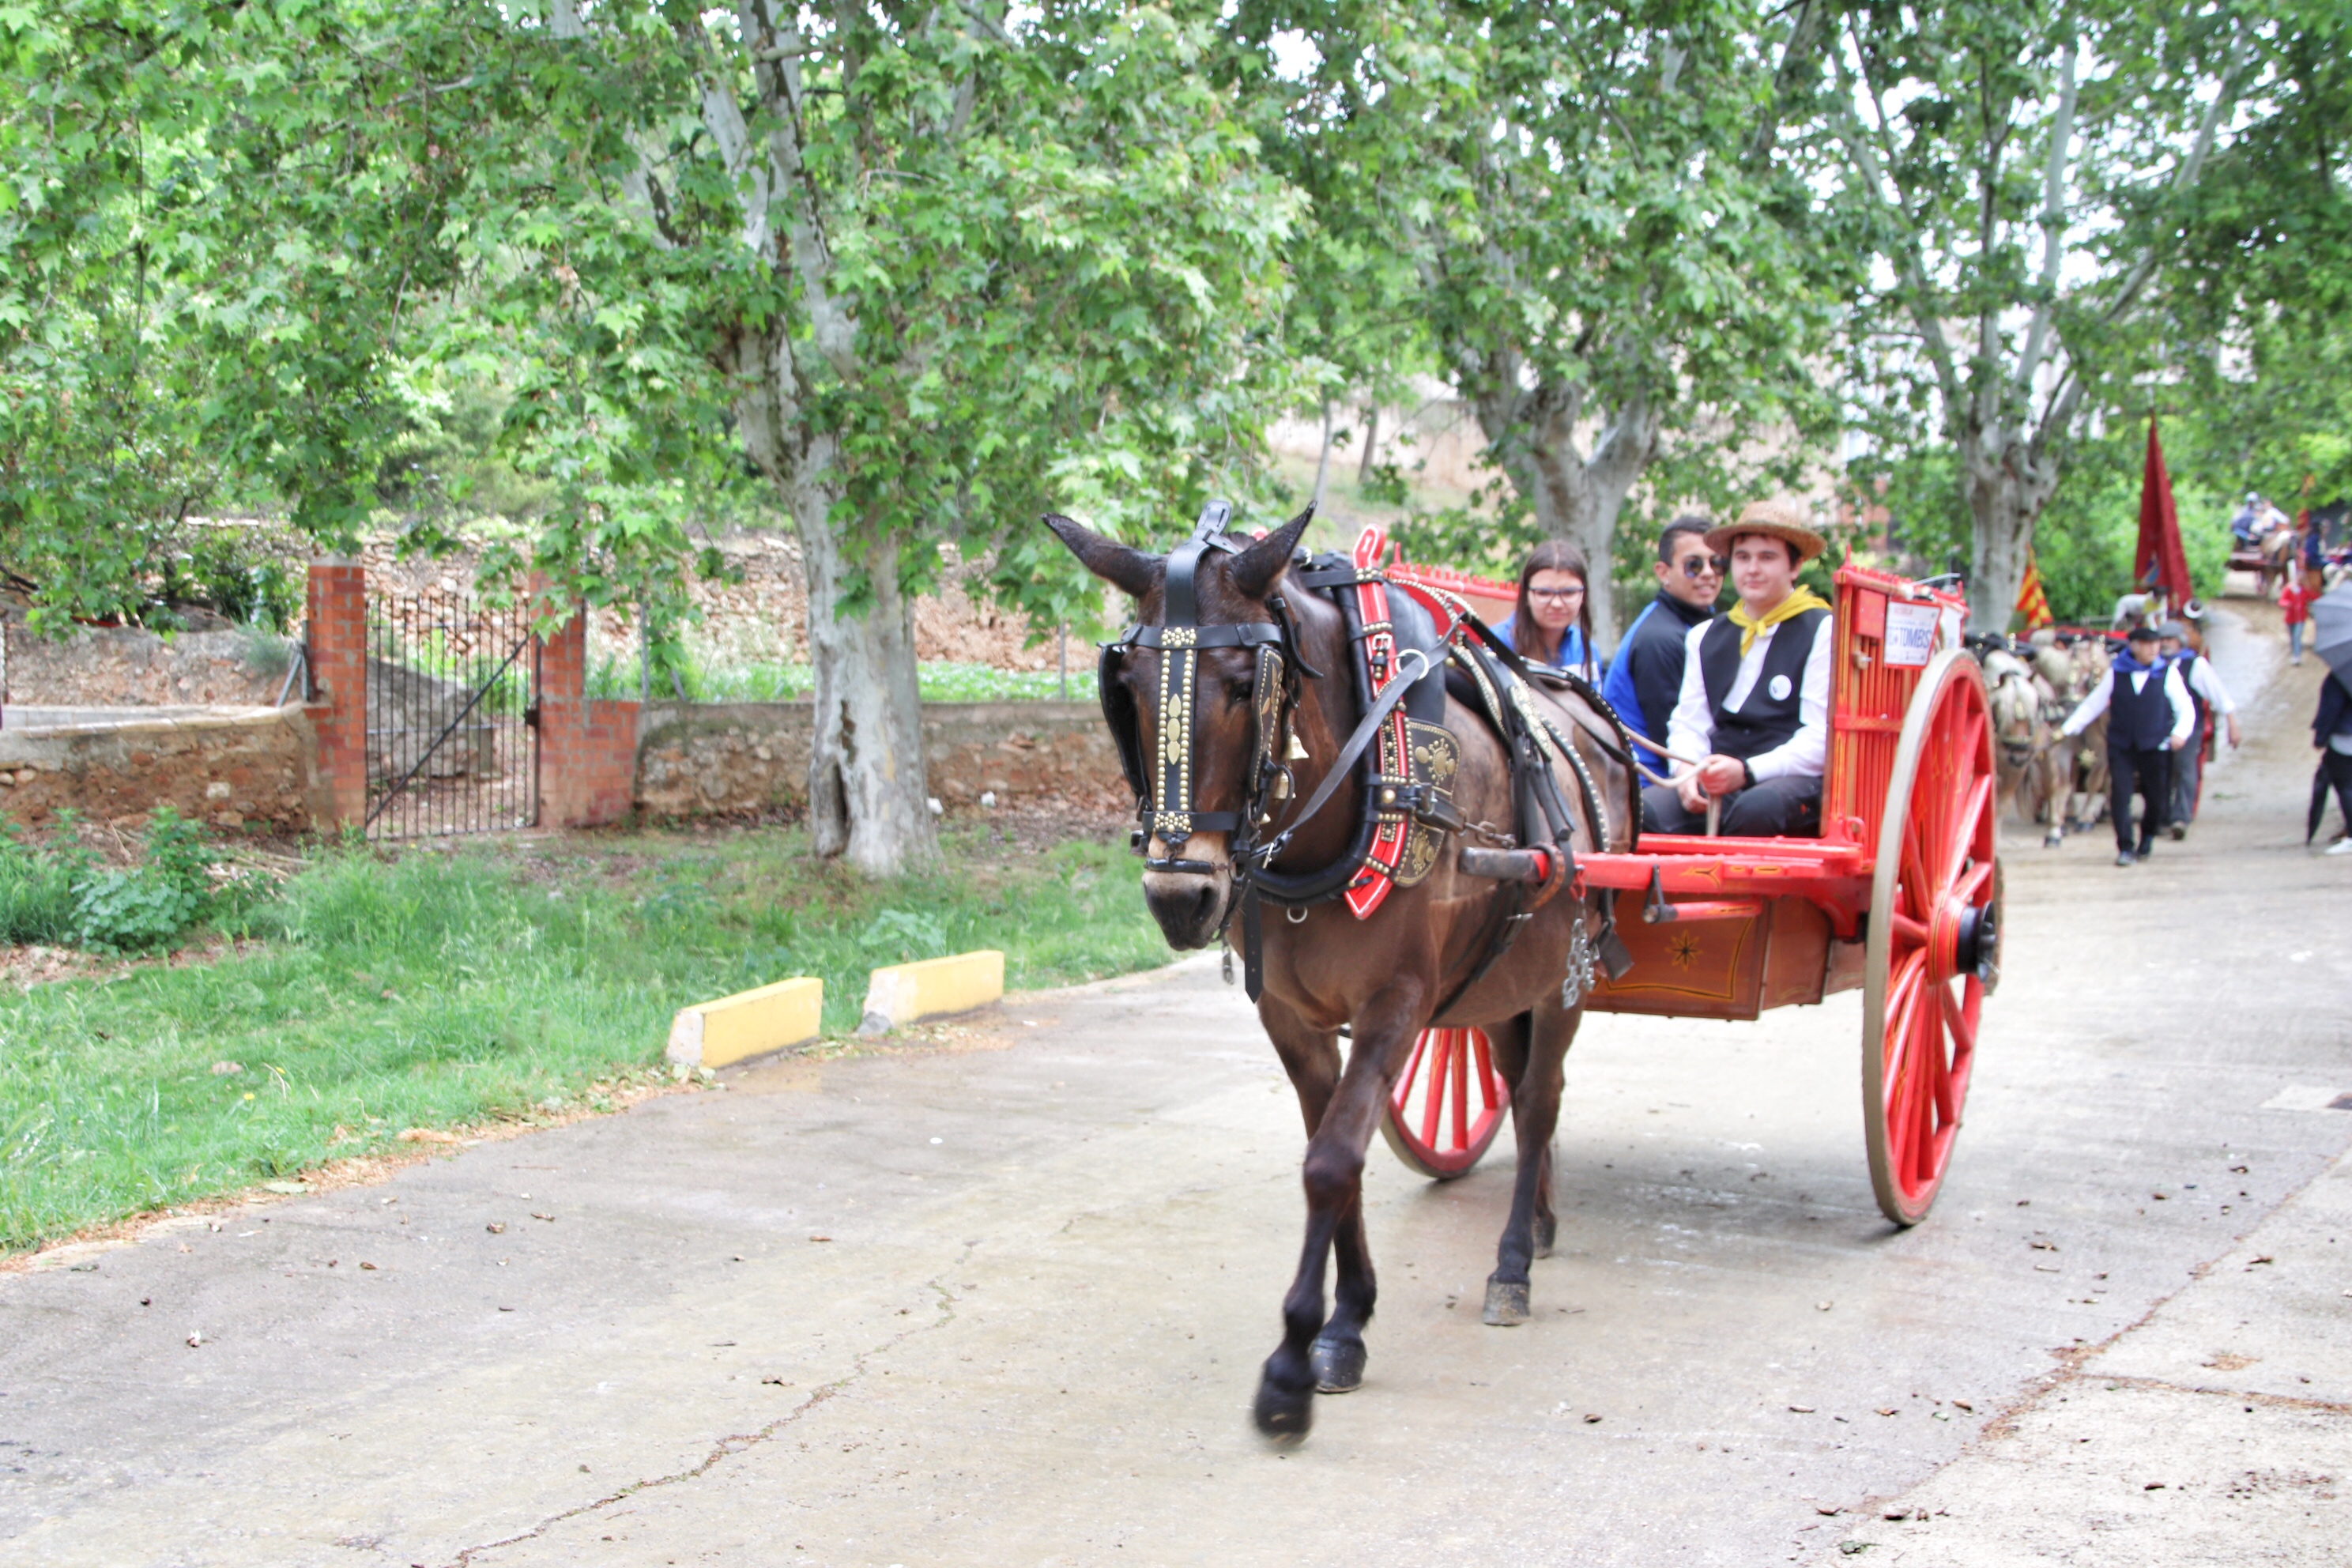 La Bisbal del Penedès ha acollit la celebració de la Trobada Nacional dels Tres Tombs aquest diumenge 6 de maig